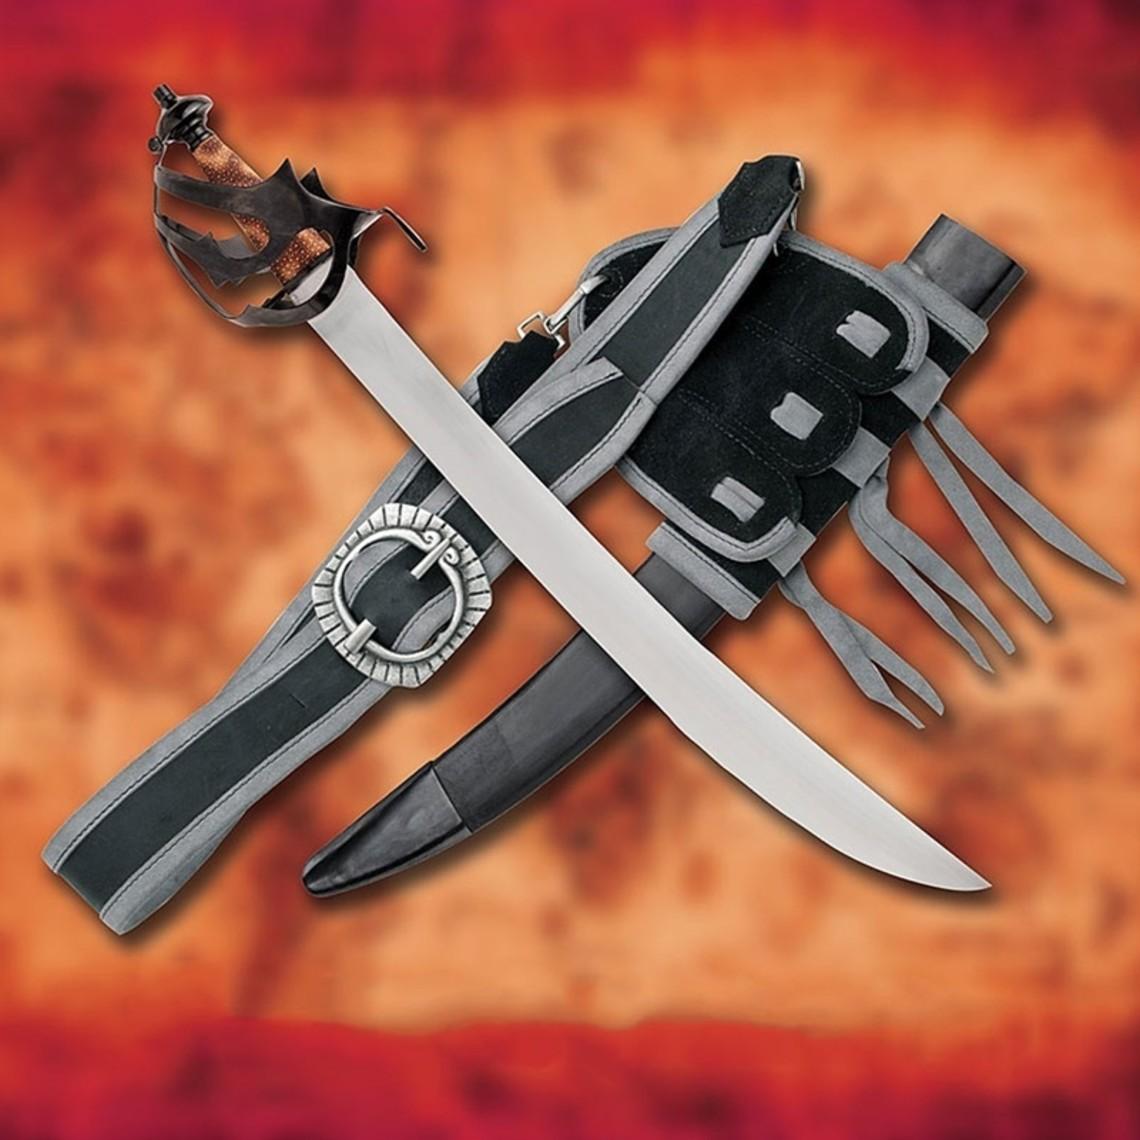 Windlass Steelcrafts Cutlass Piraten Schwert Davy Jones